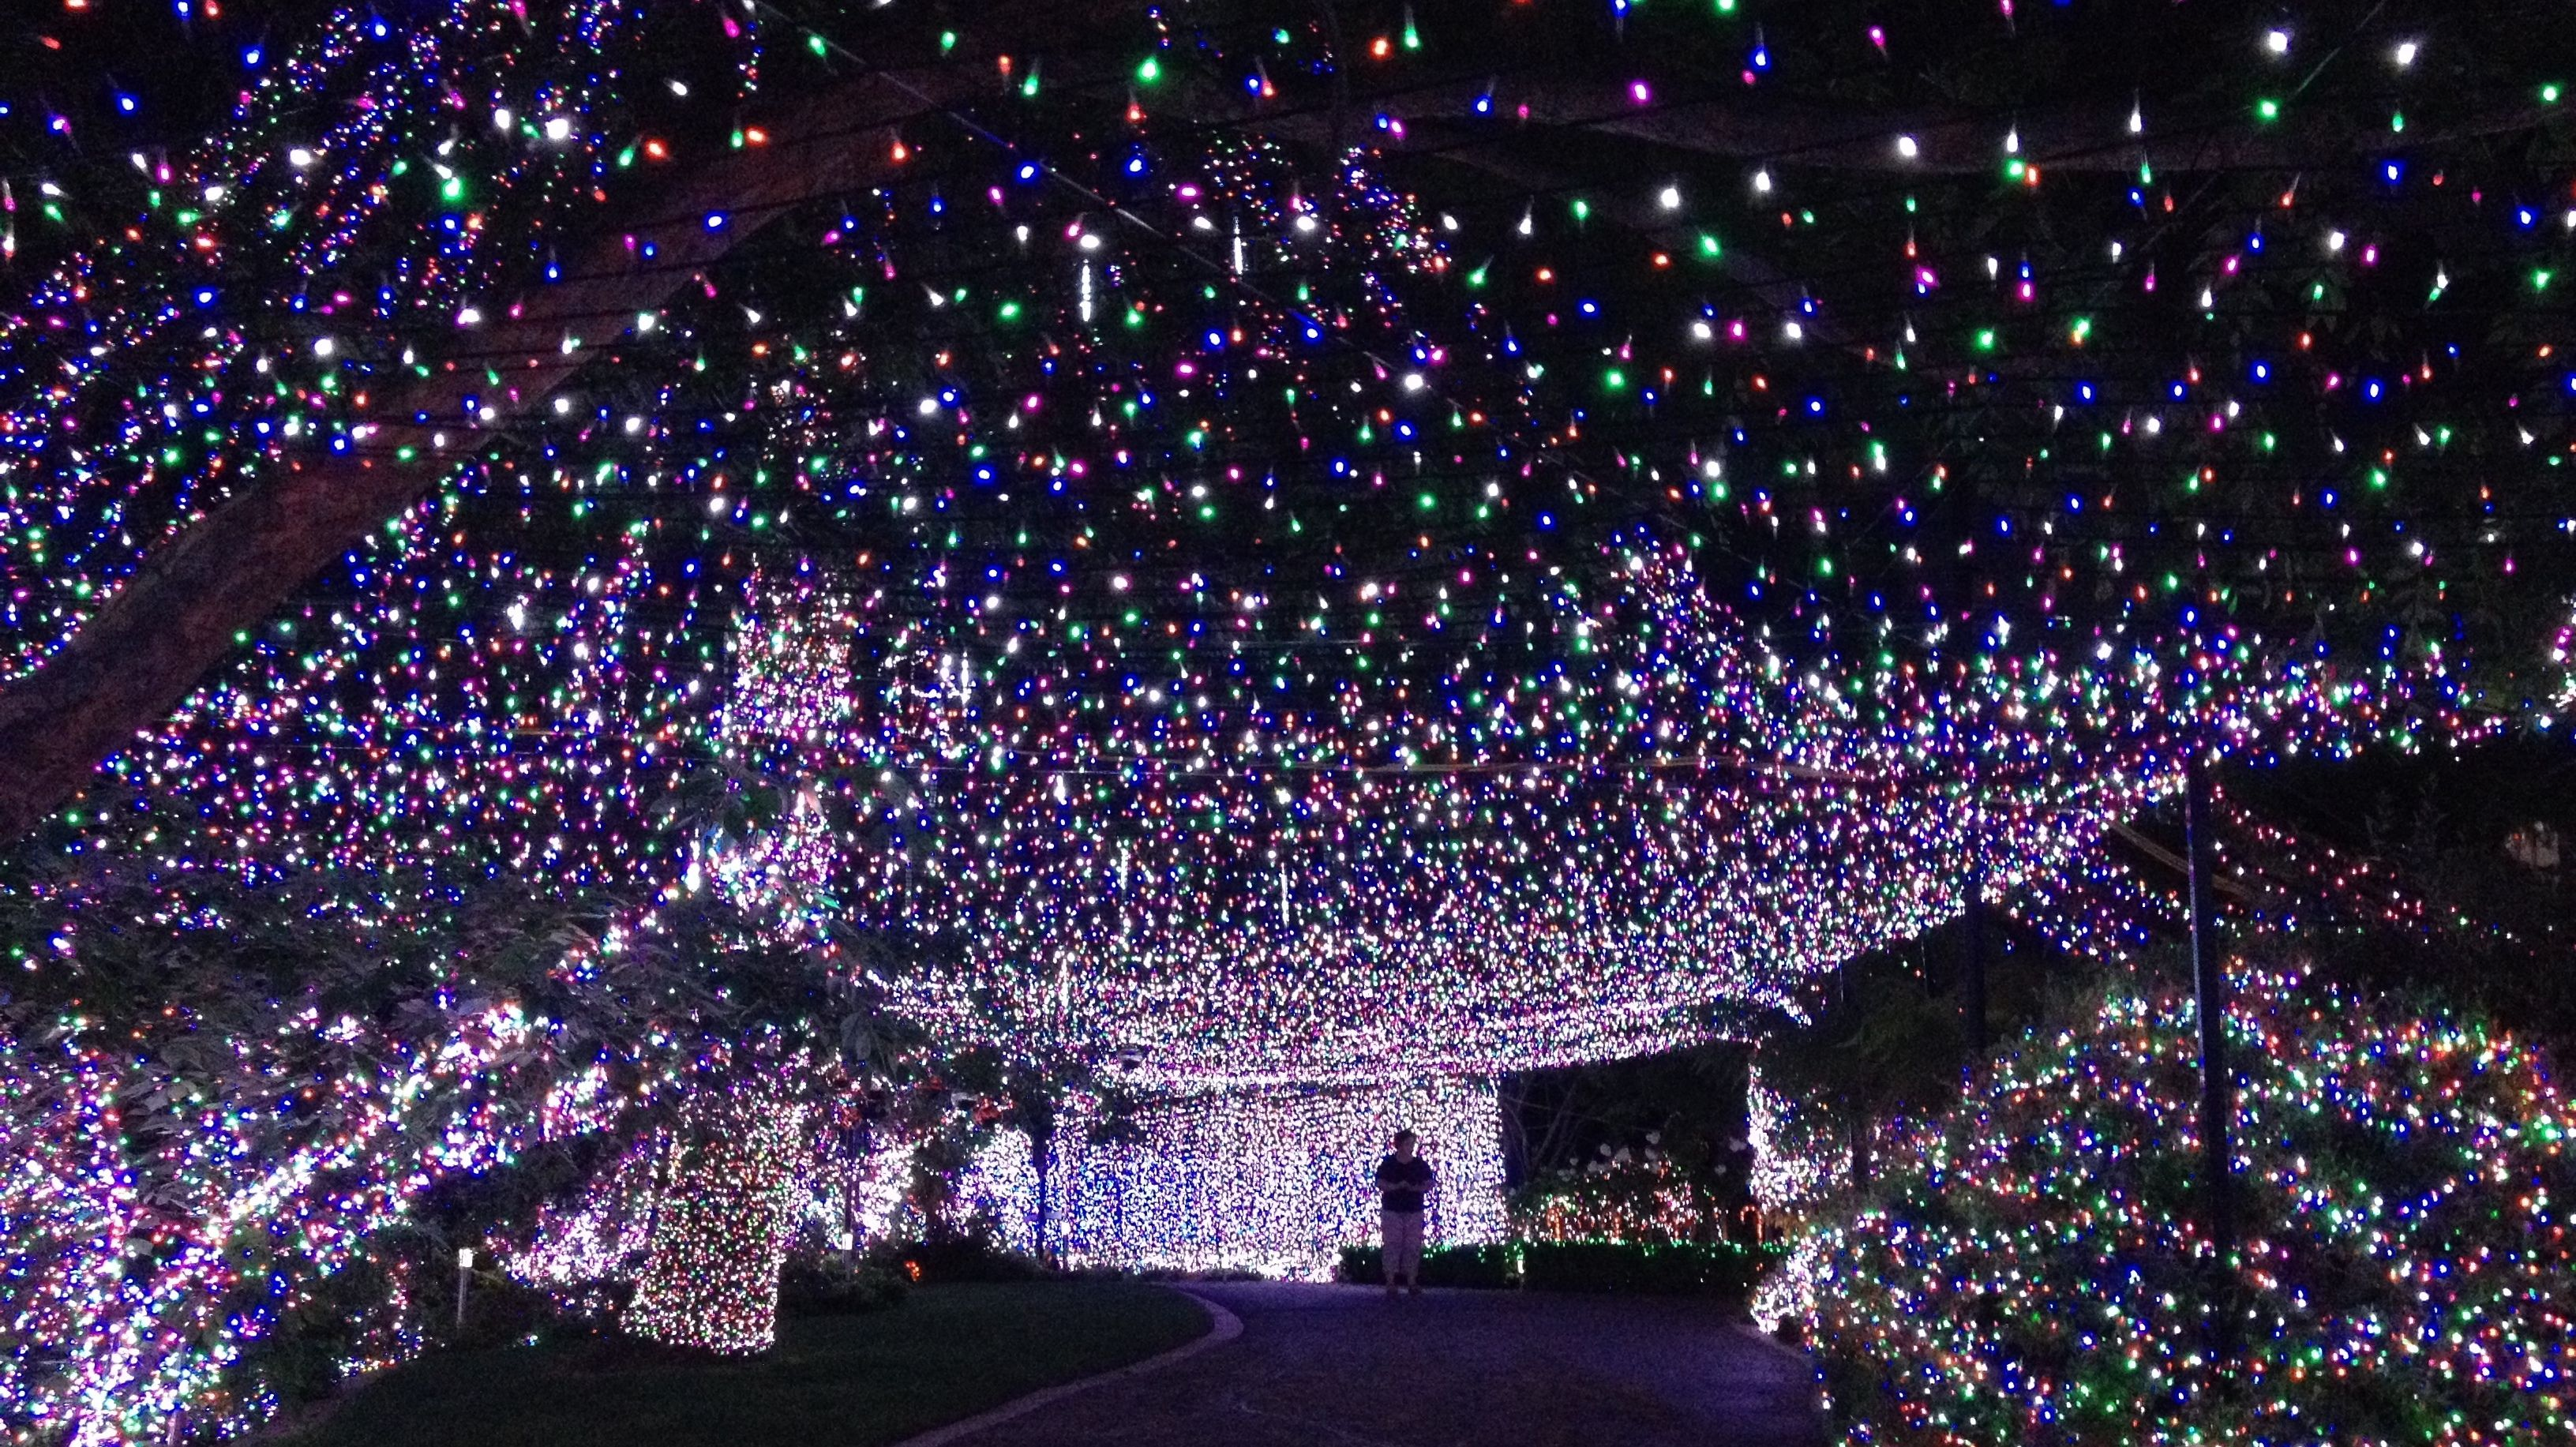 500 000 Lights Family S Christmas Display Sets World Record Christmas Light Displays Hanging Christmas Lights Christmas Lights